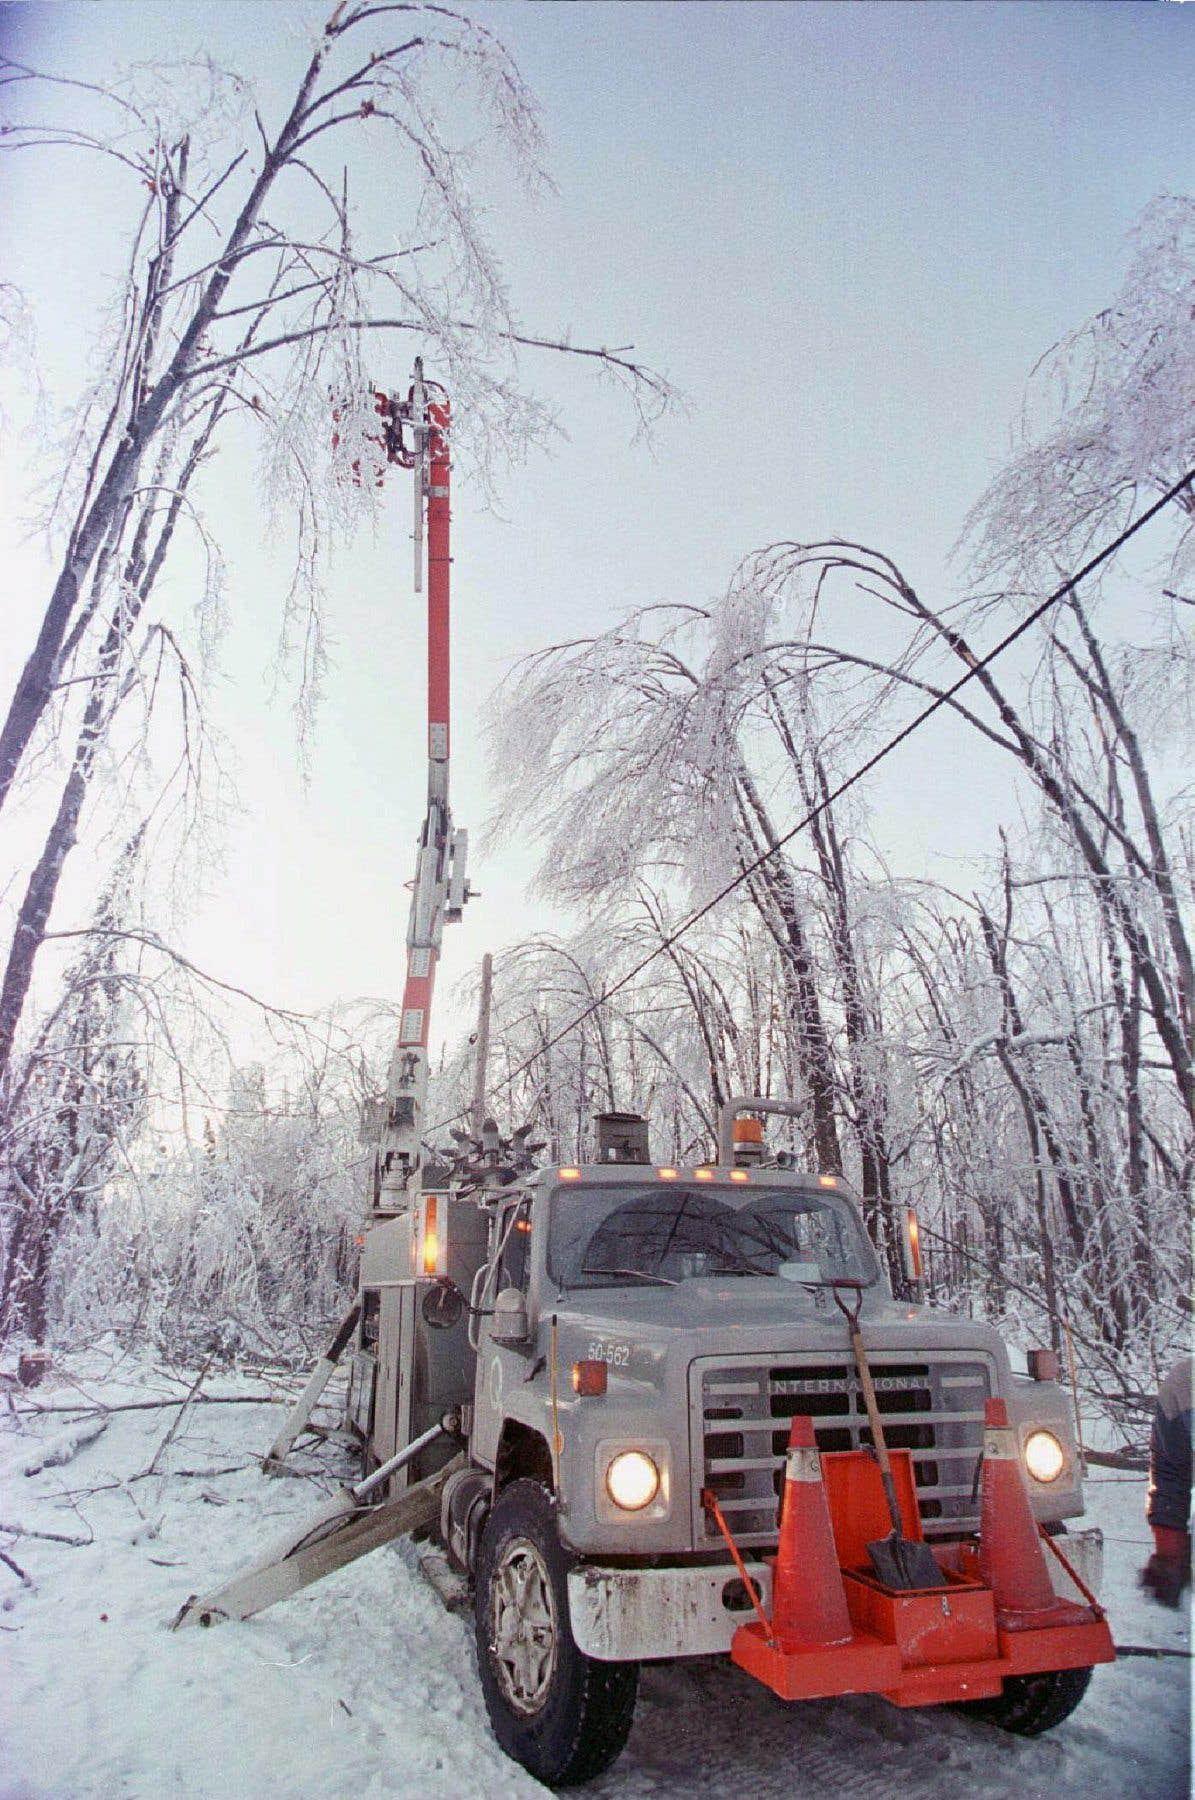 Un camion d'Hydro-Québec se fraie un chemin pour réparer des lignes électriques près du lac Aylmer, au sud de la ville de Québec.